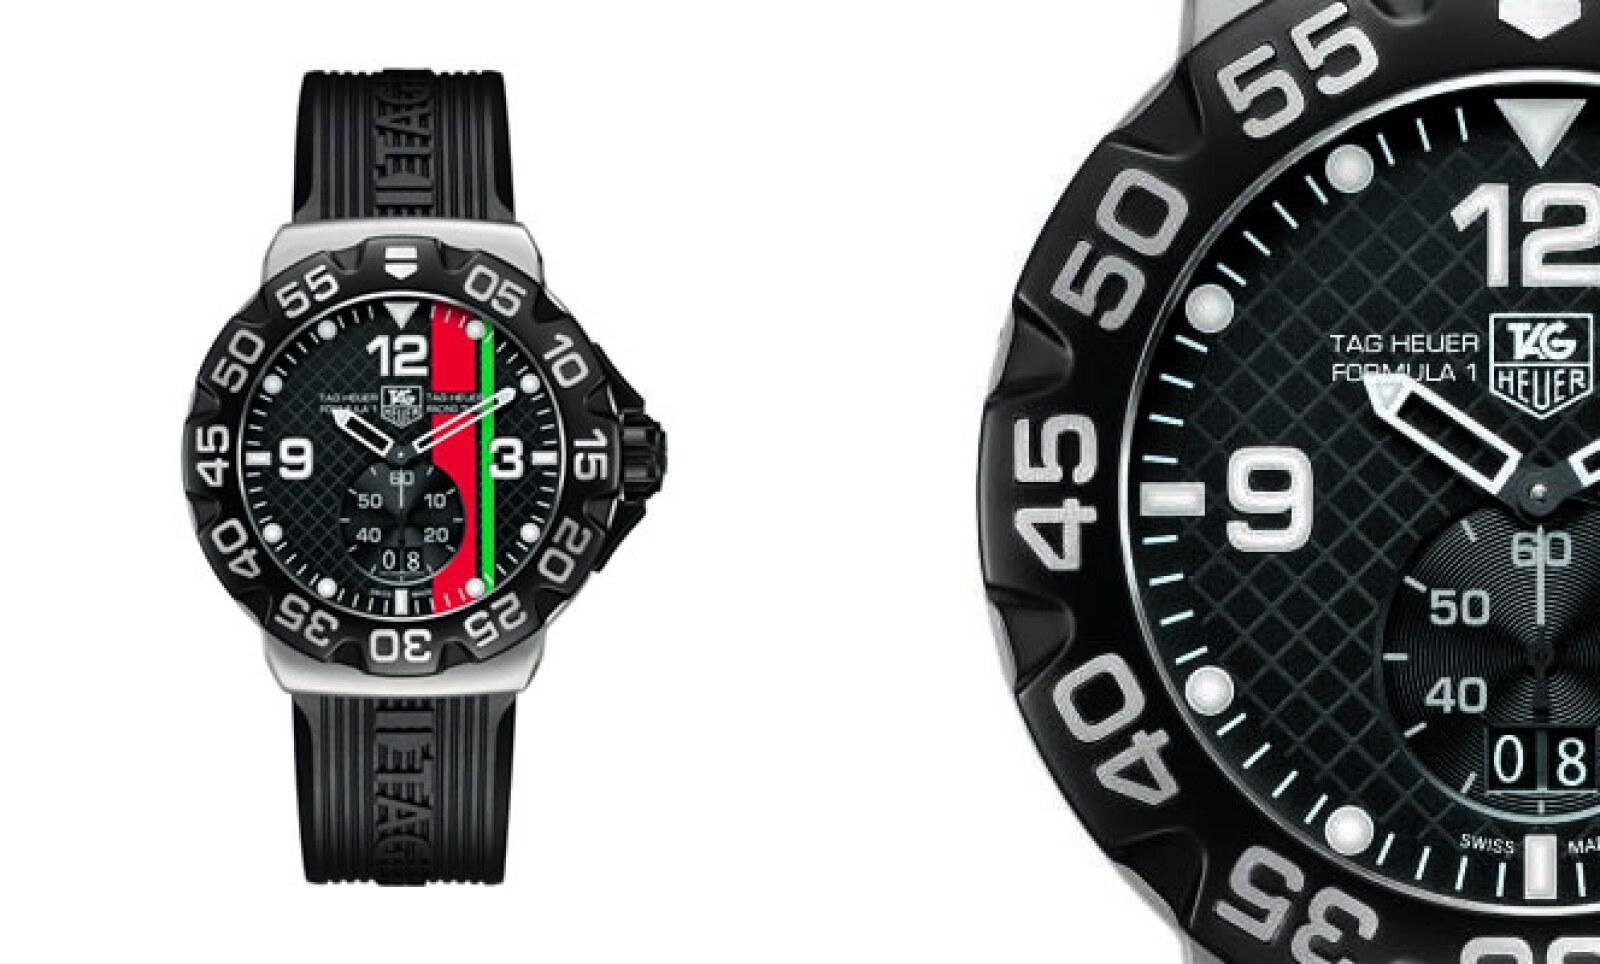 El F1 edición limitada de 150 piezas 'México Racing Team', personifica la celebración a los 150 años del Motoracing, en colores verde y rojo que representan la importancia de la marca en México.